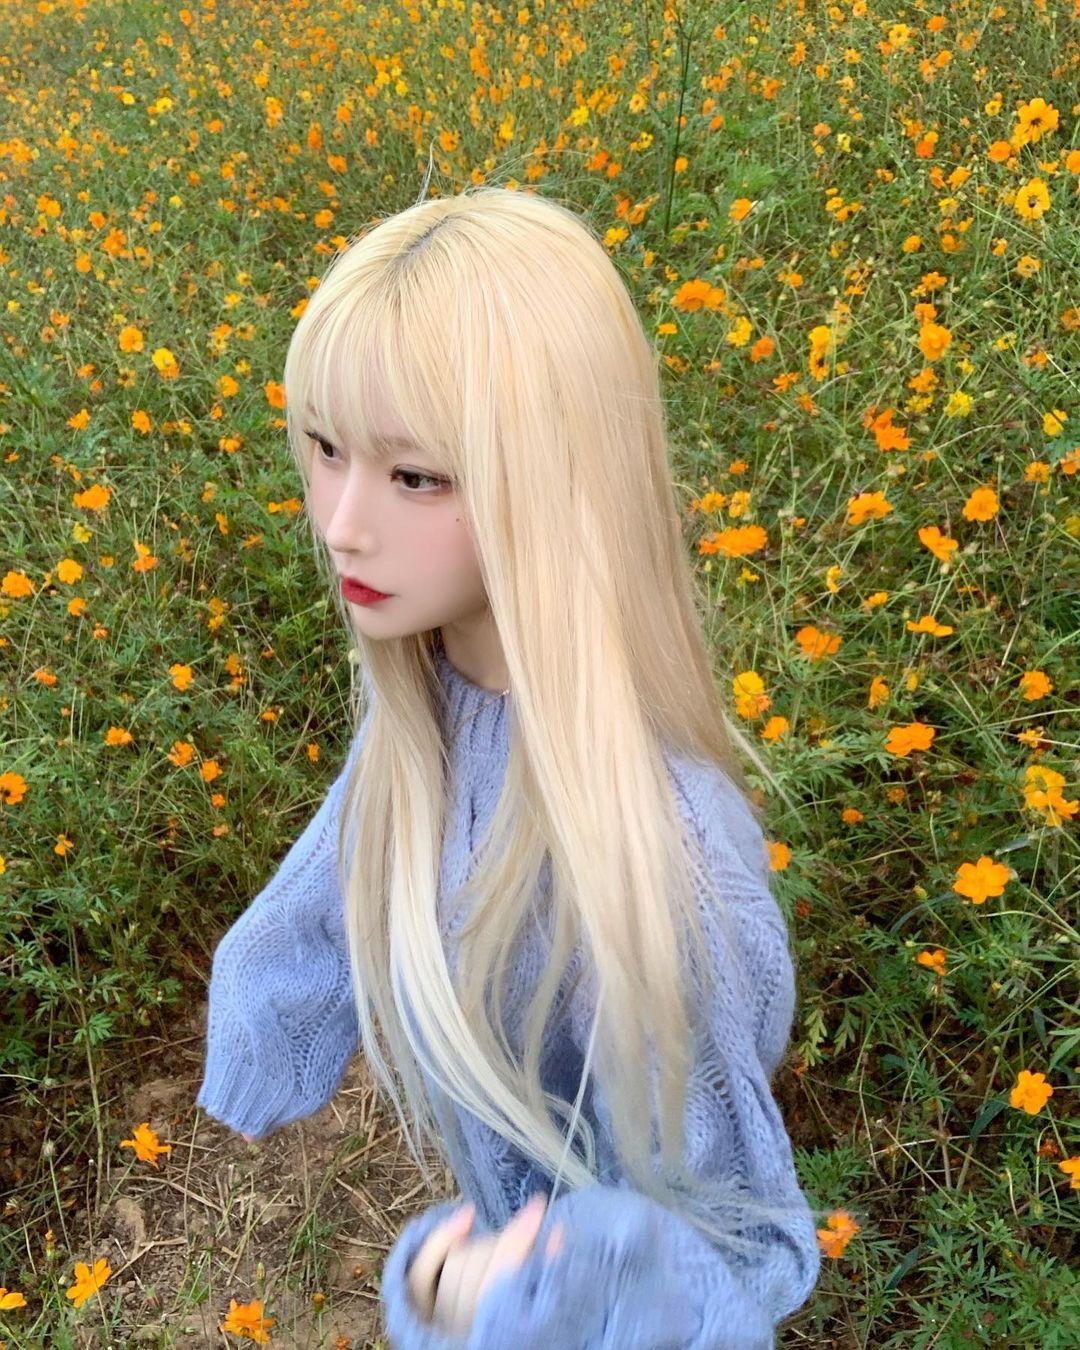 Lisa hói đầu, trai đẹp rụng tóc lả tả vì tẩy tóc: Bạn cần ghim ngay những tip này nếu đang định đi tẩy tóc cuối năm - Ảnh 4.